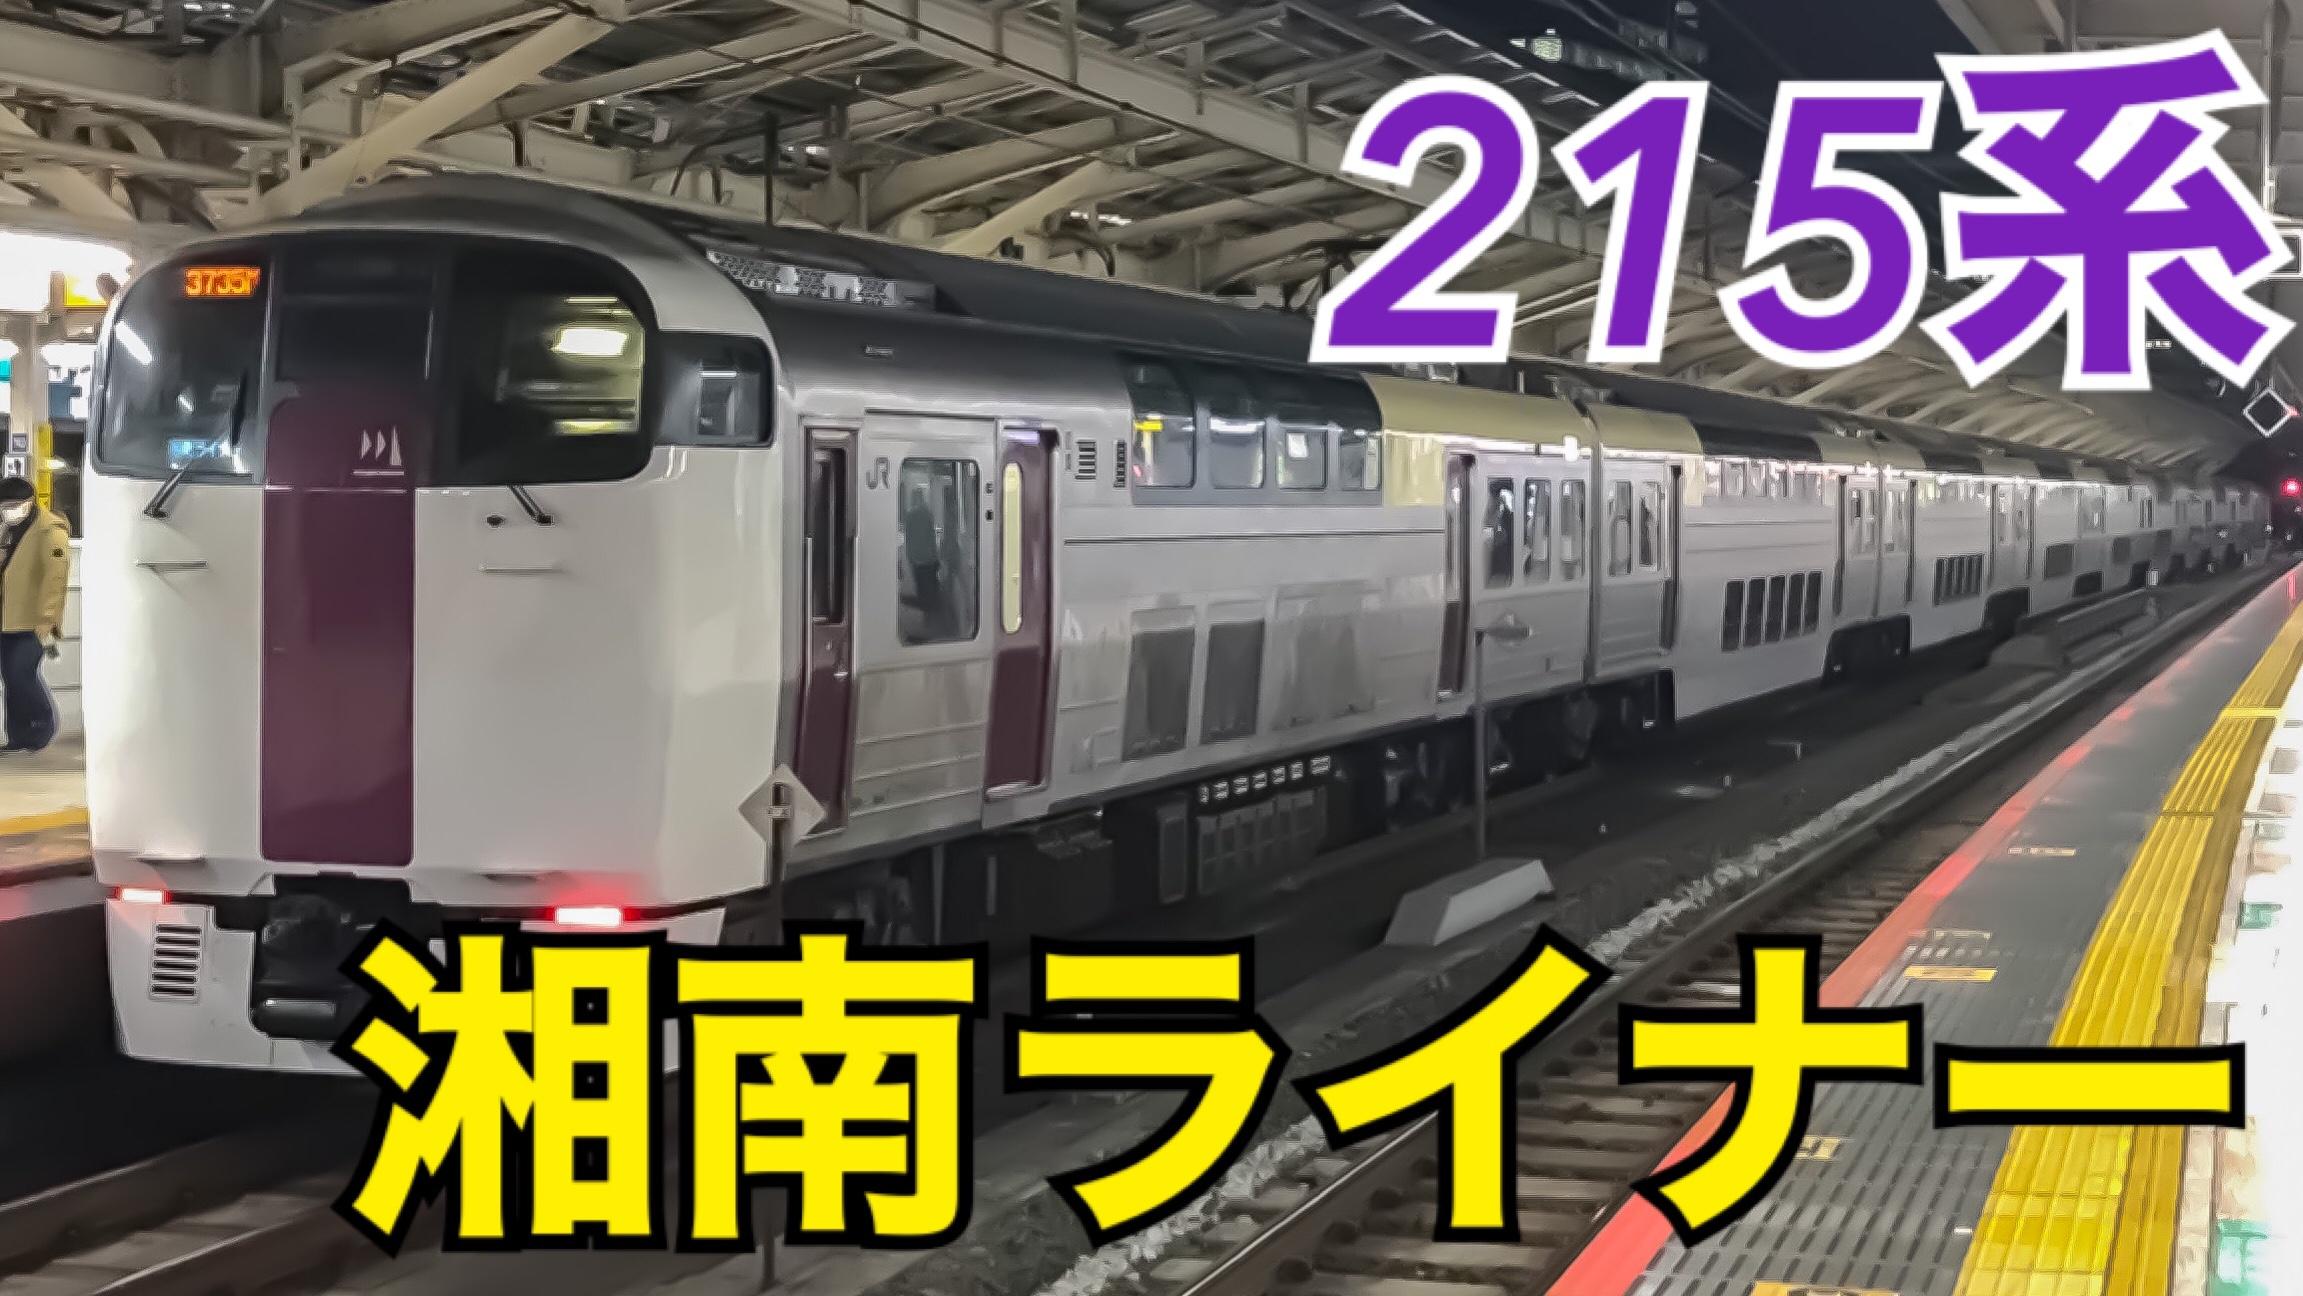 【ダイヤ改正で廃止】215系で運転される湘南ライナー号に乗車!